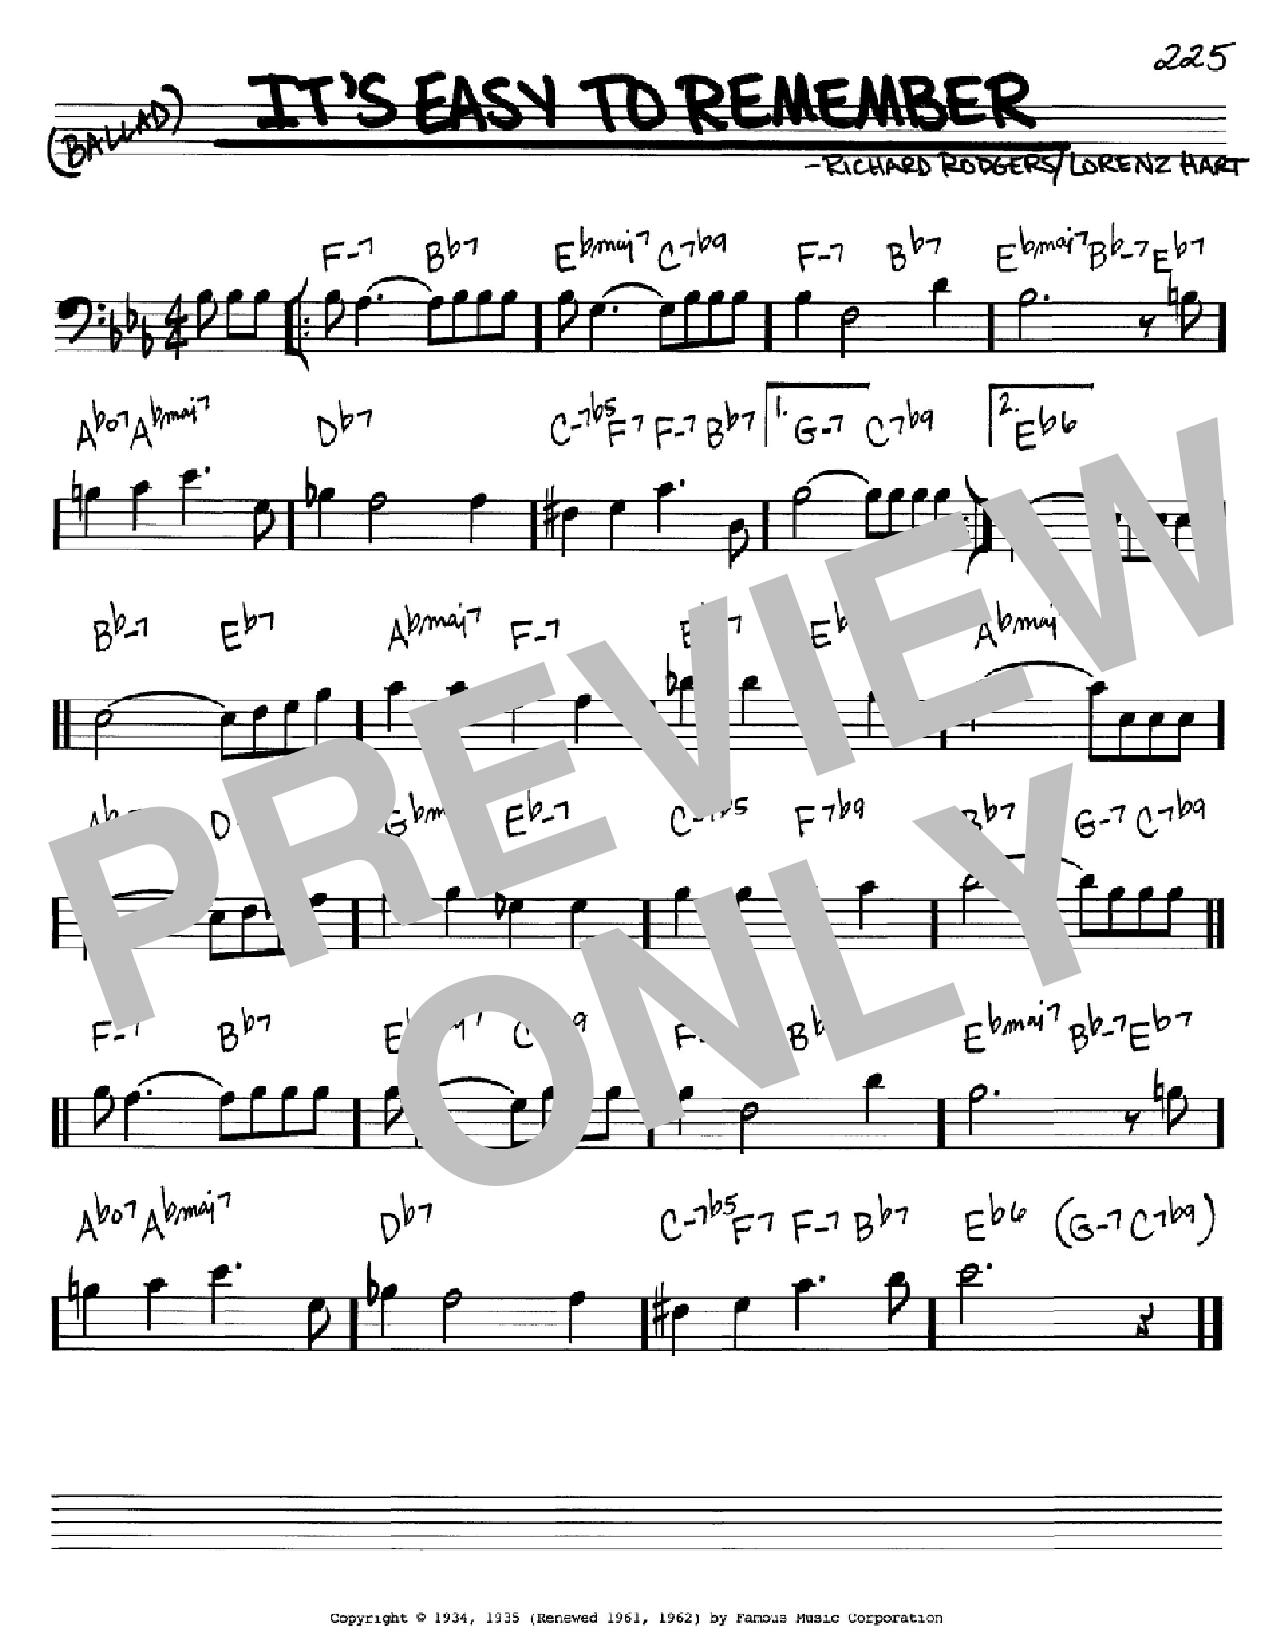 Partition autre It's Easy To Remember de Rodgers & Hart - Real Book, Melodie et Accords, Inst. En cle de Fa